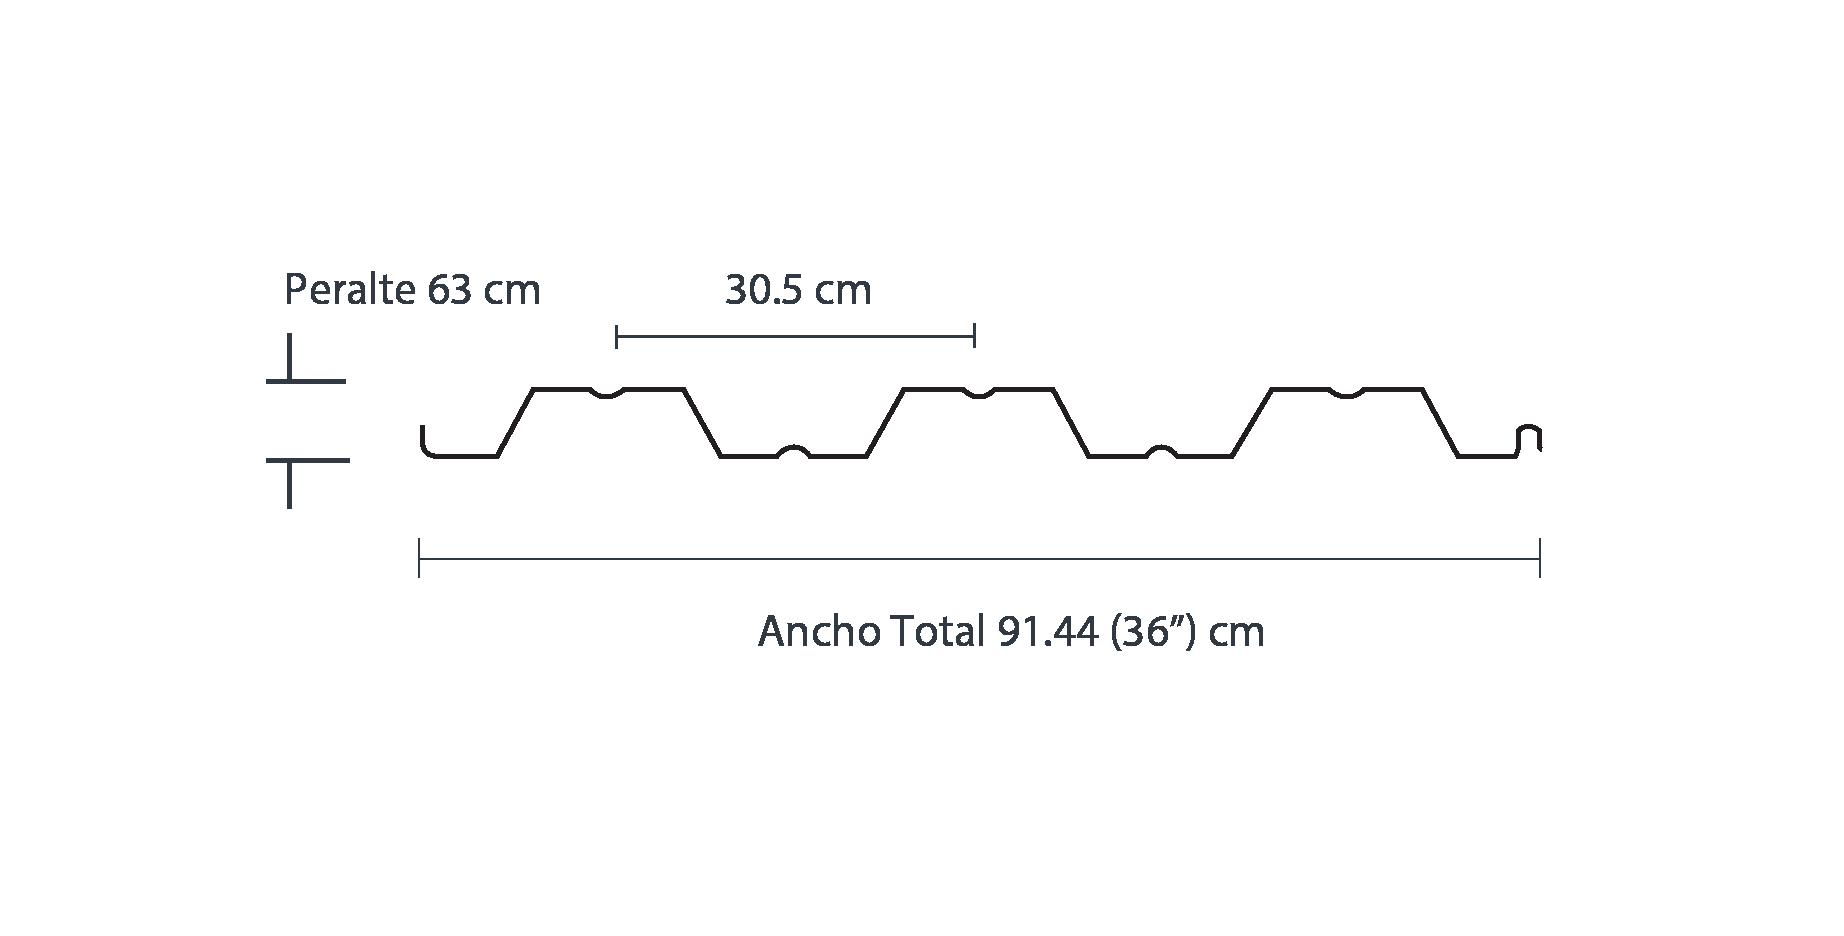 Medidas de lámina losacero; distribución de lámina acanalada losacero Ternium.